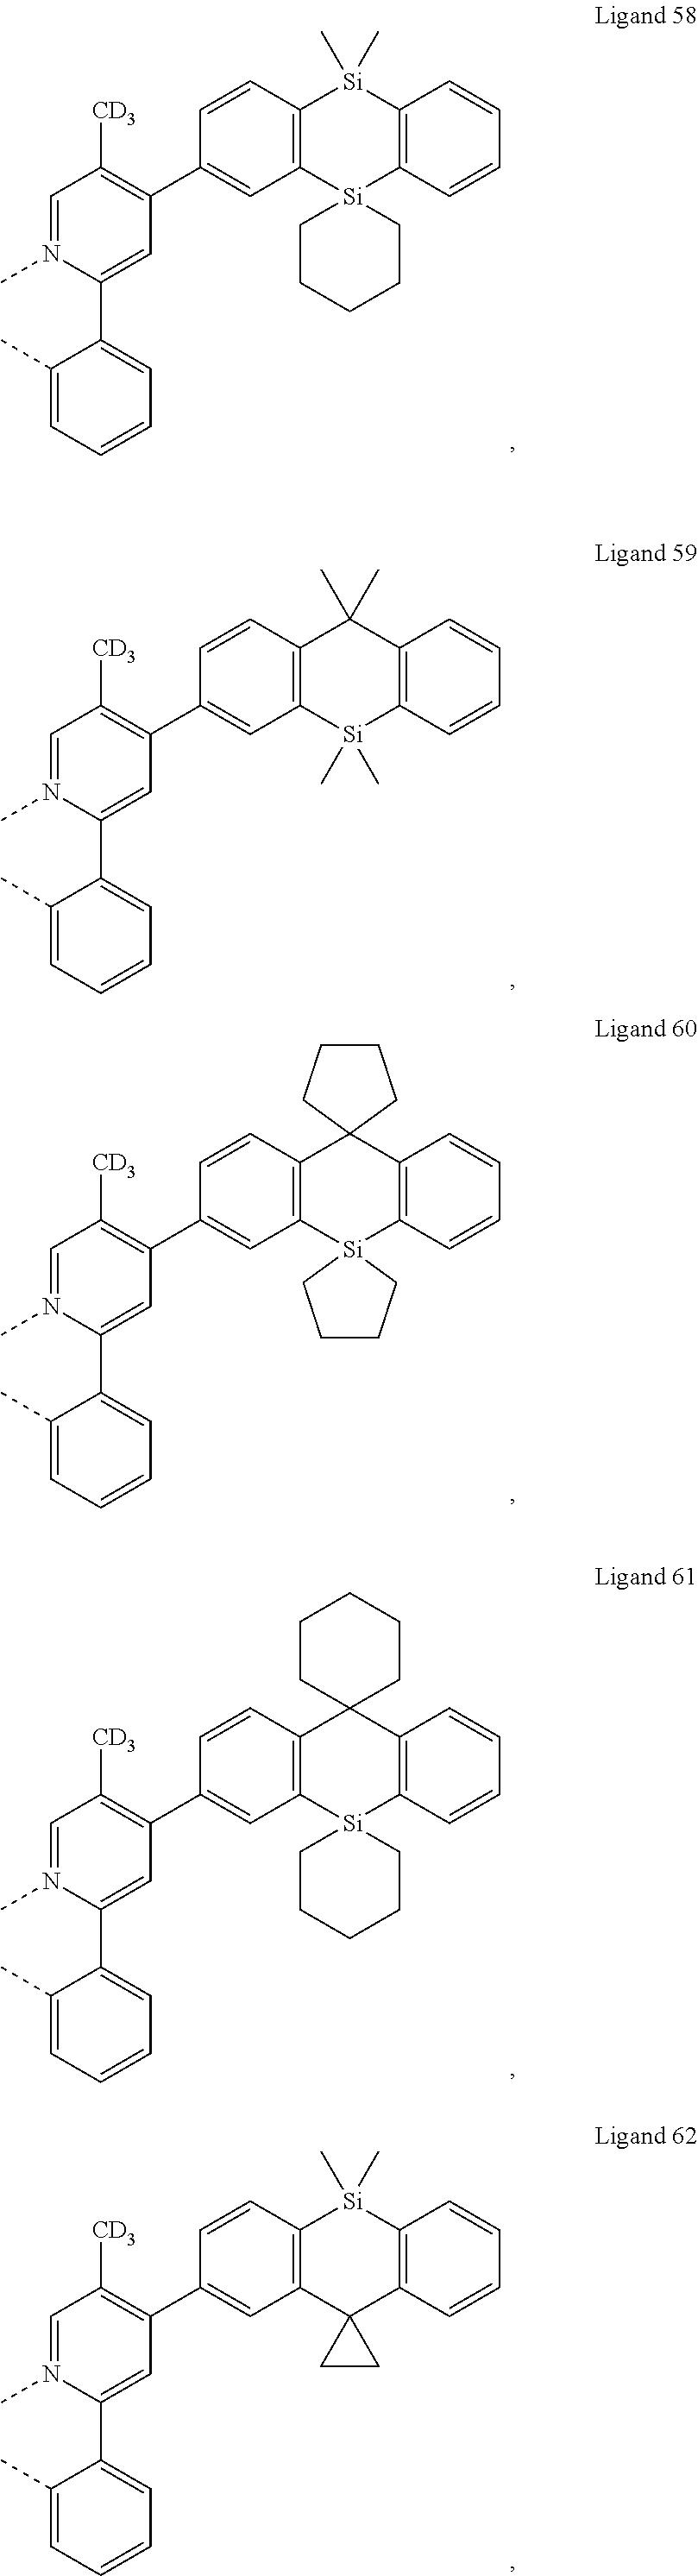 Figure US20180130962A1-20180510-C00240